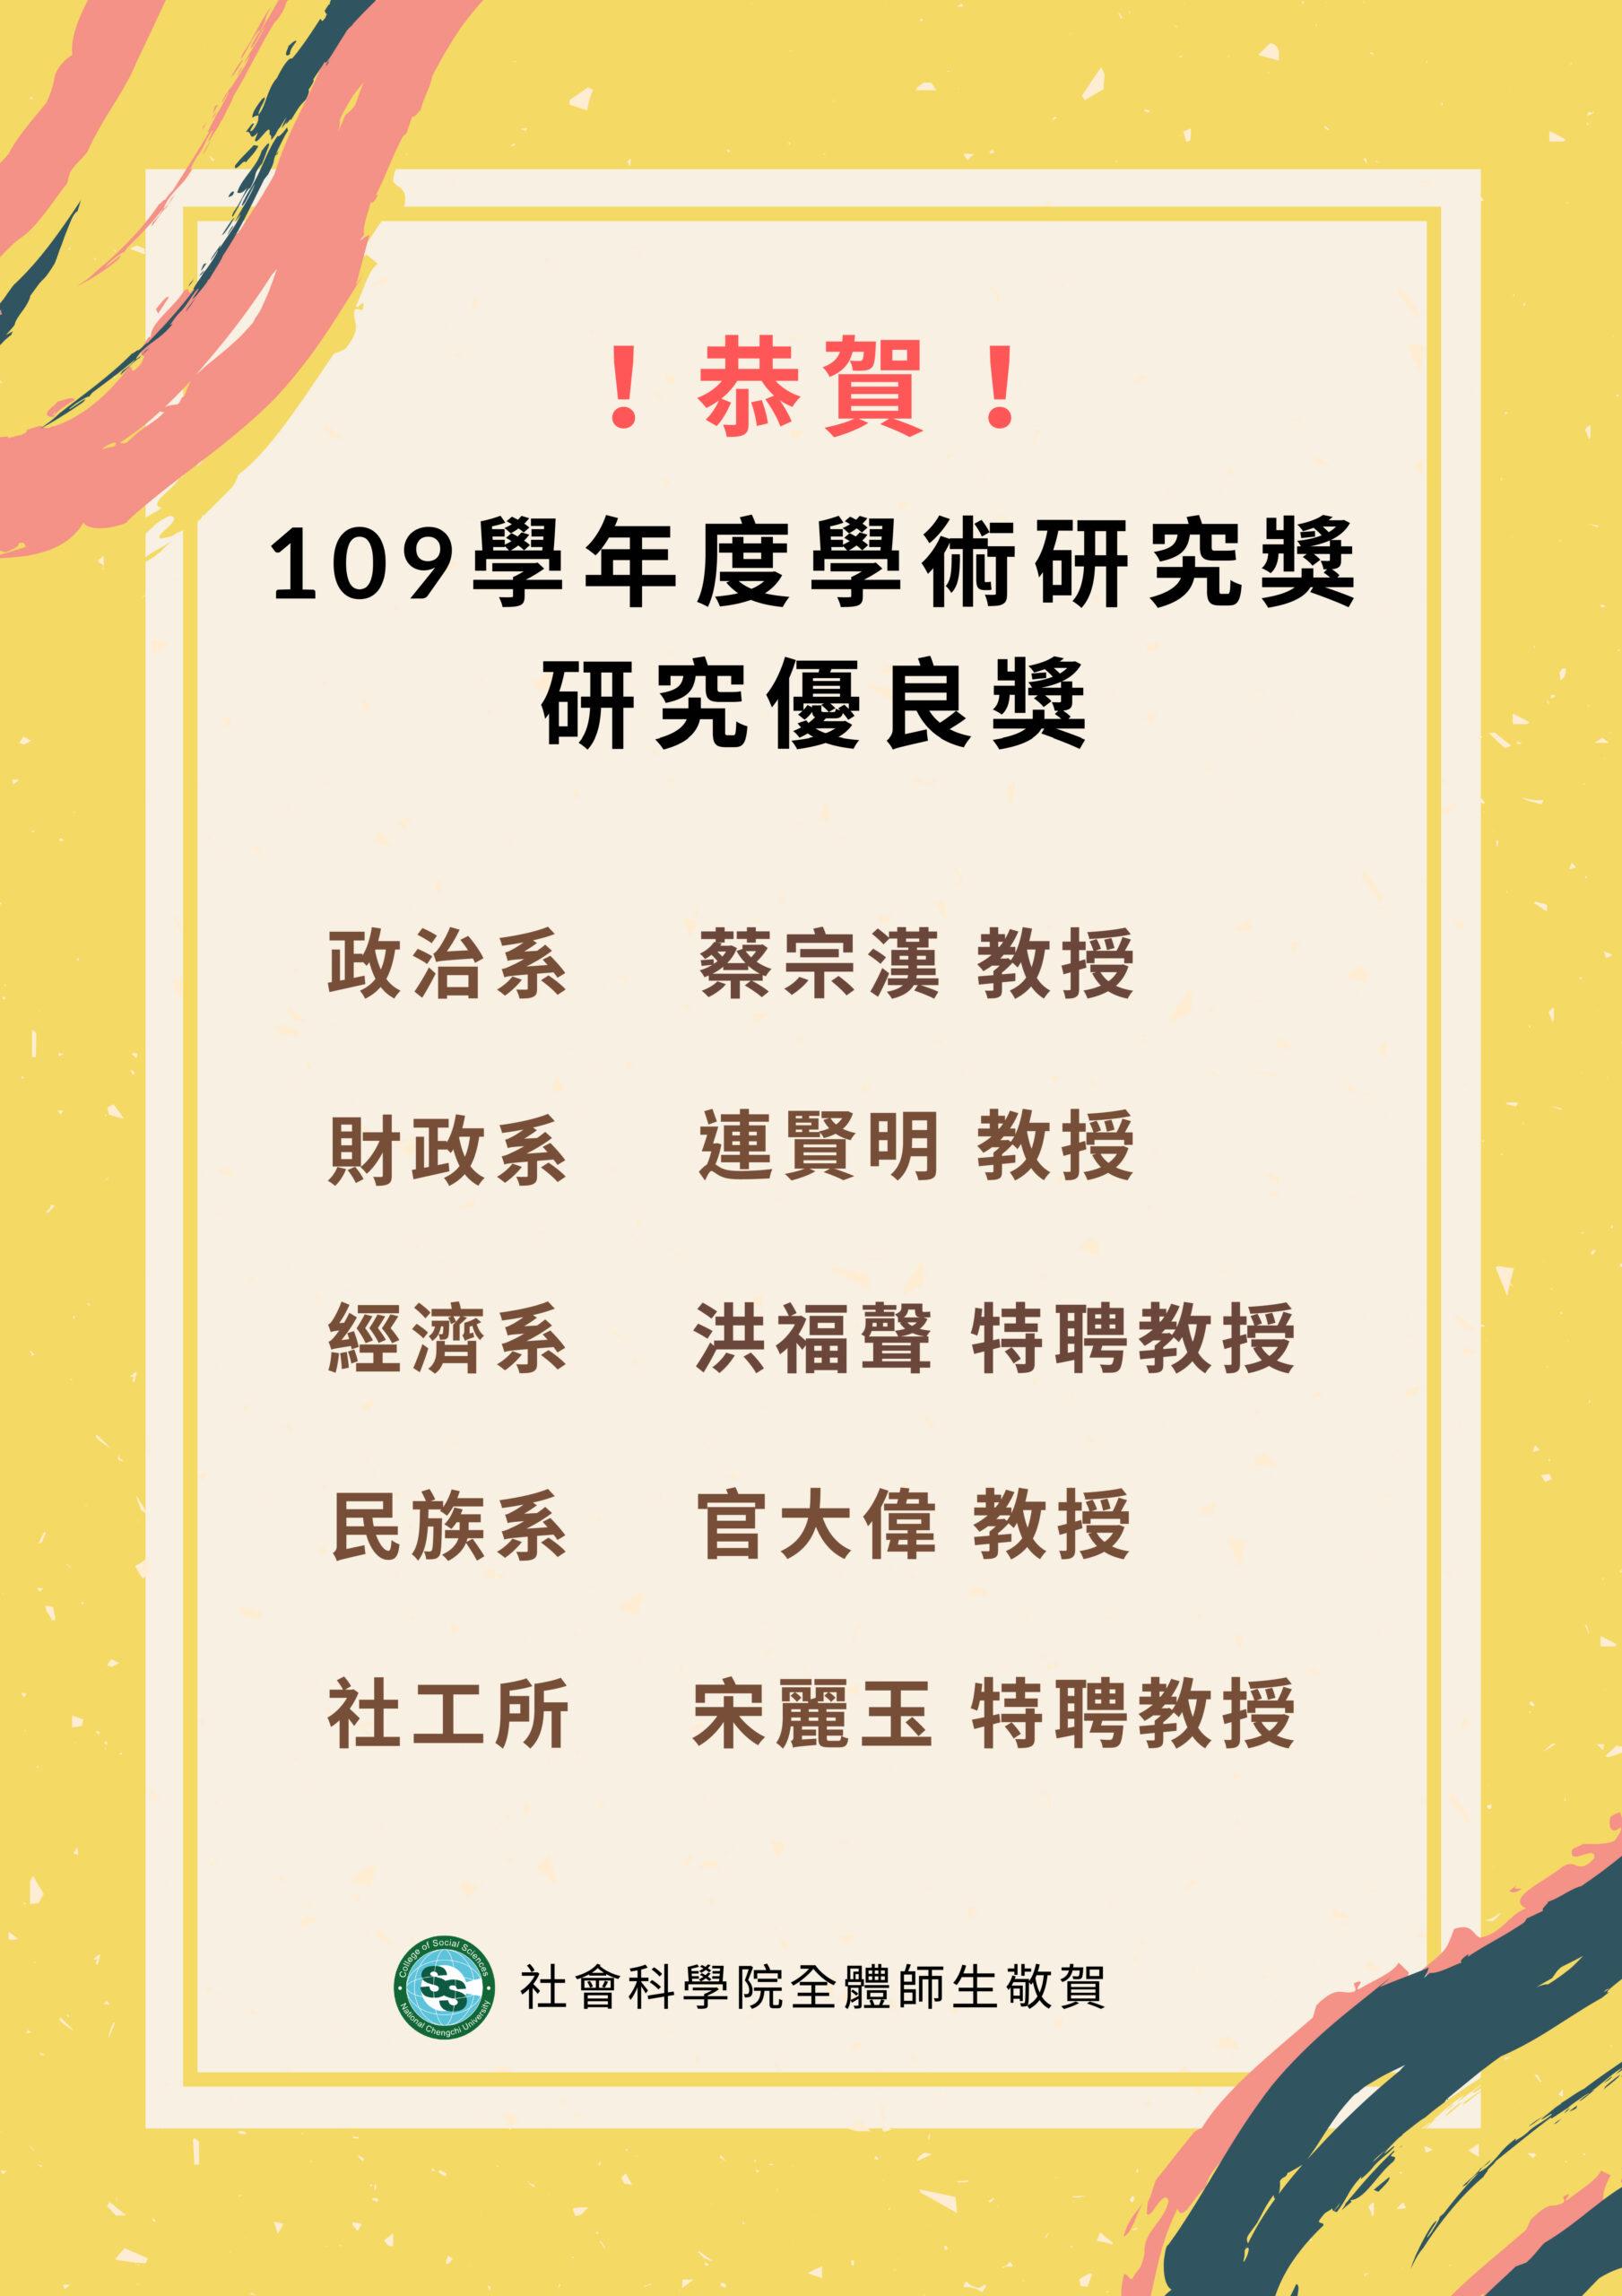 109學年度學術研究獲獎名單